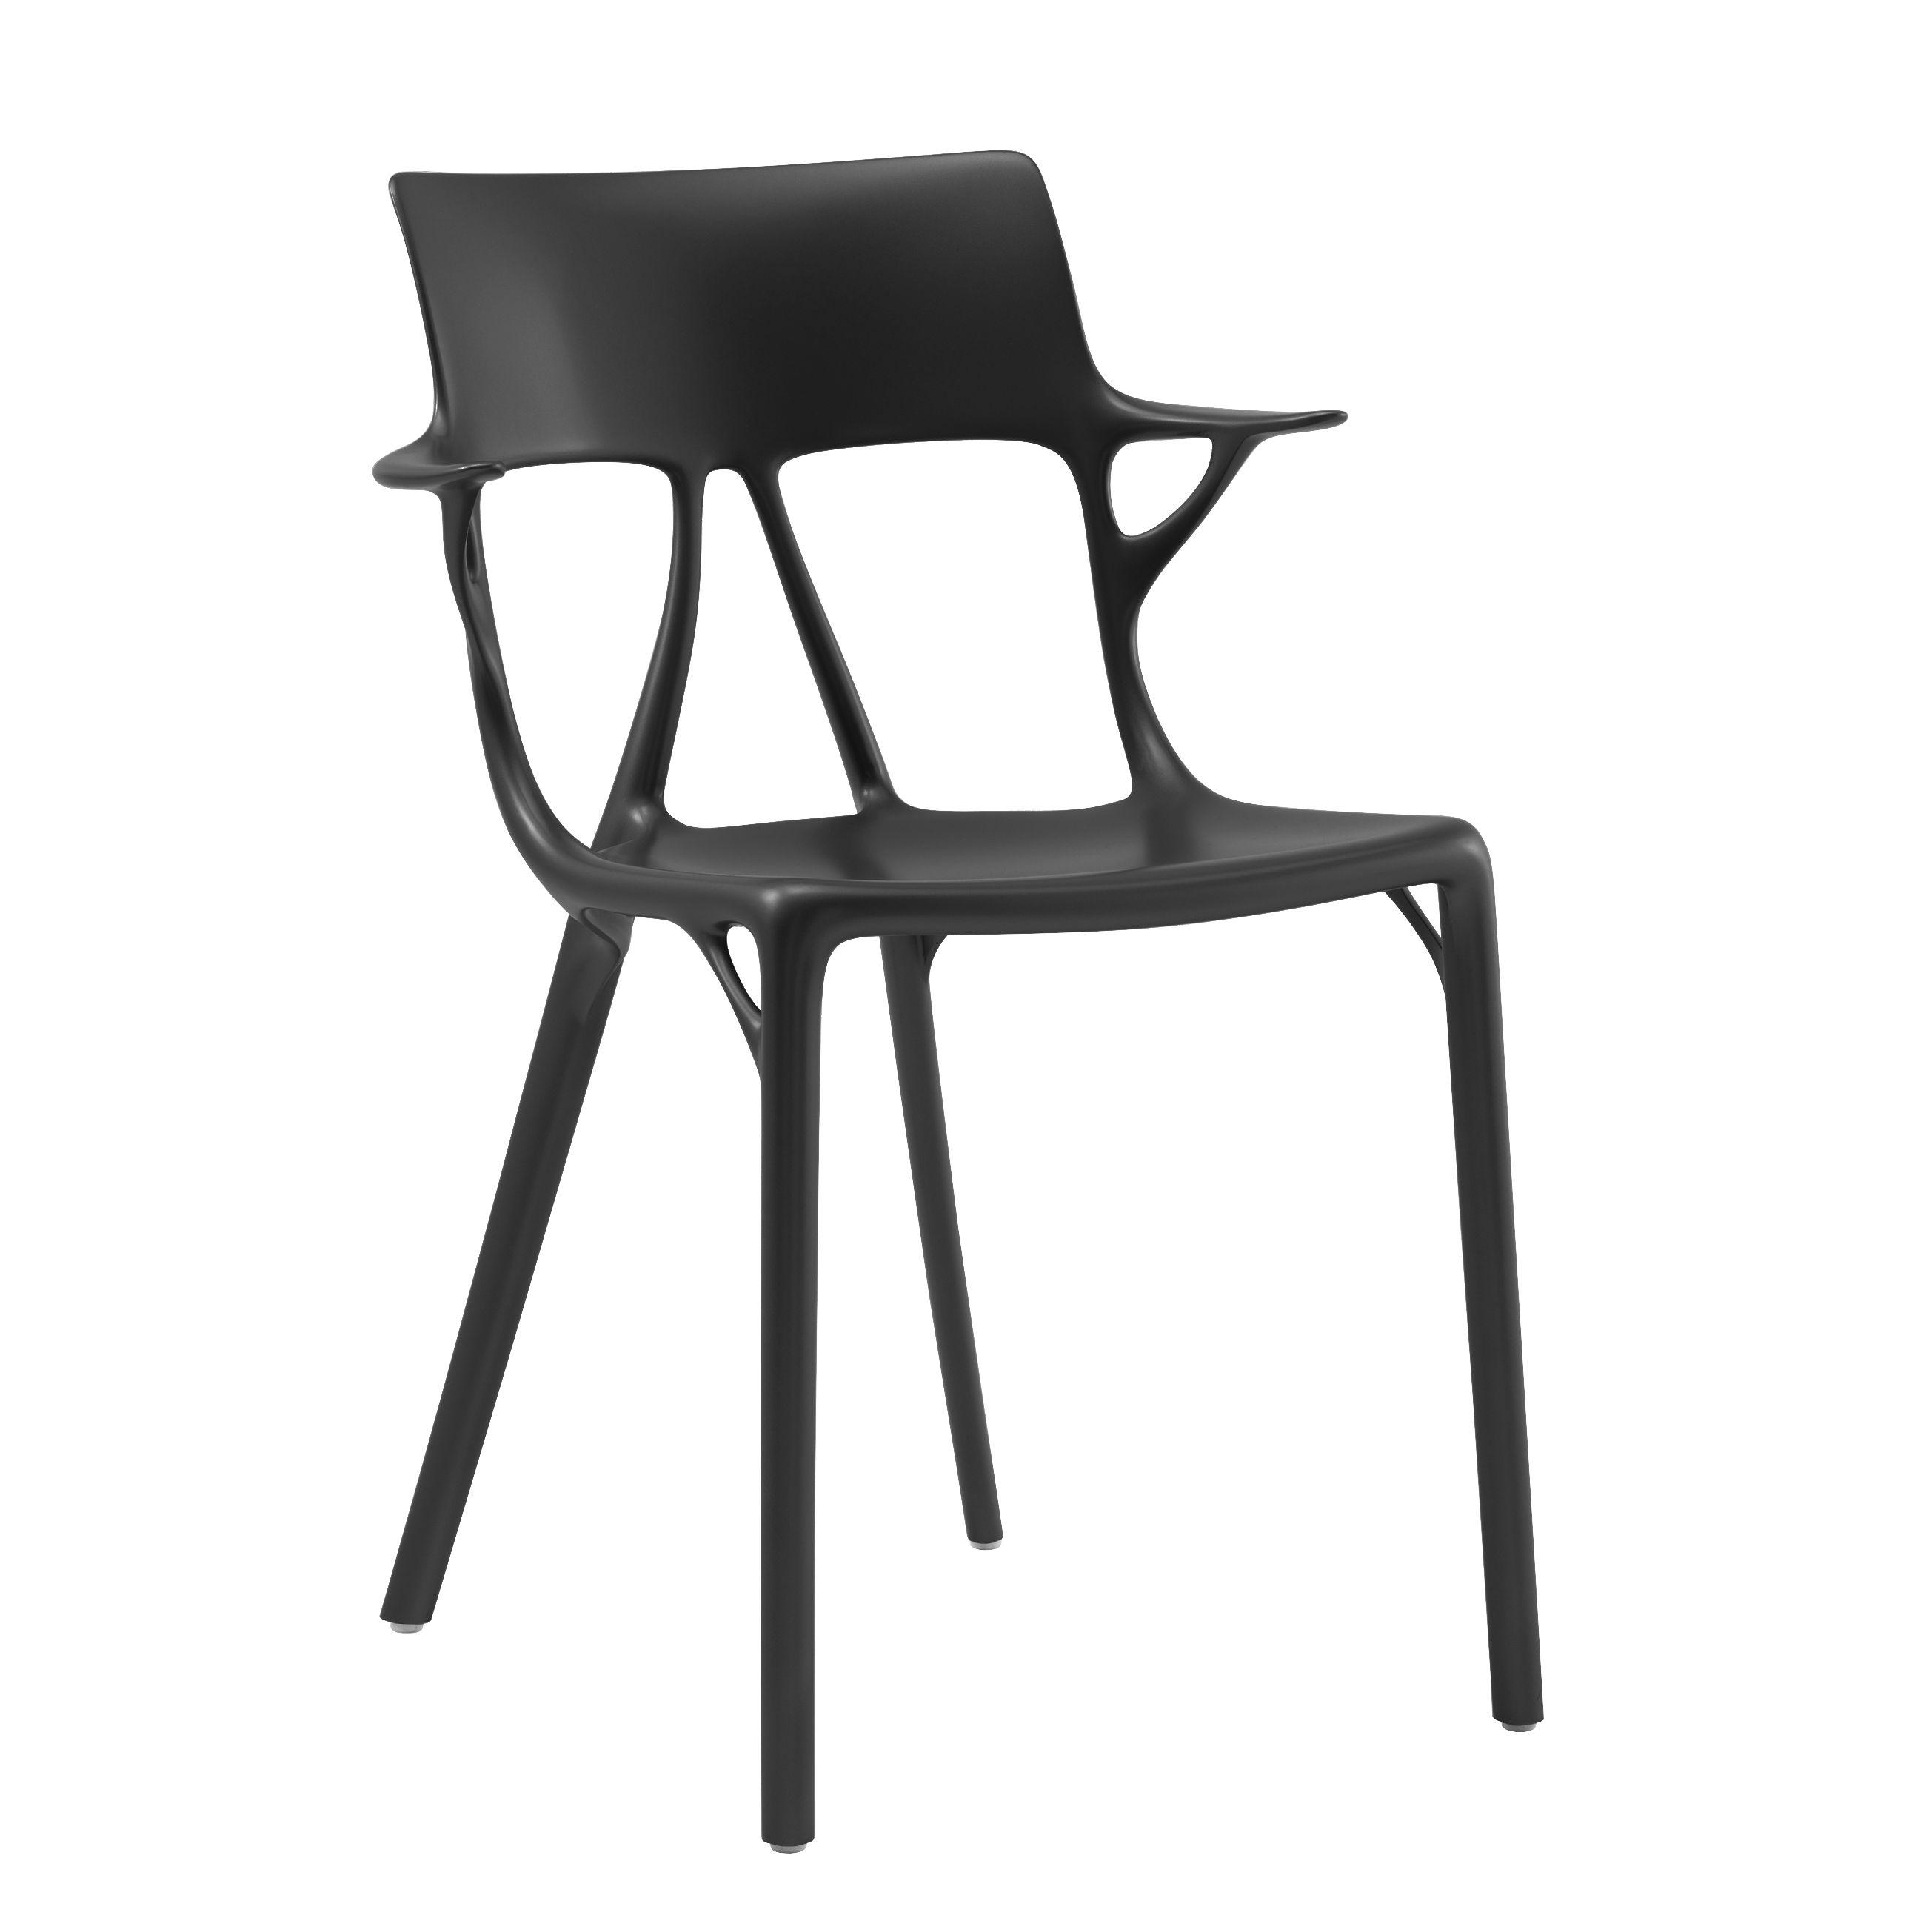 Möbel - Stühle  - A.I Stapelbarer Sessel / Durch künstliche Intelligenz entworfen - Kartell - Schwarz - Recyceltes thermoplast. Technopolymer